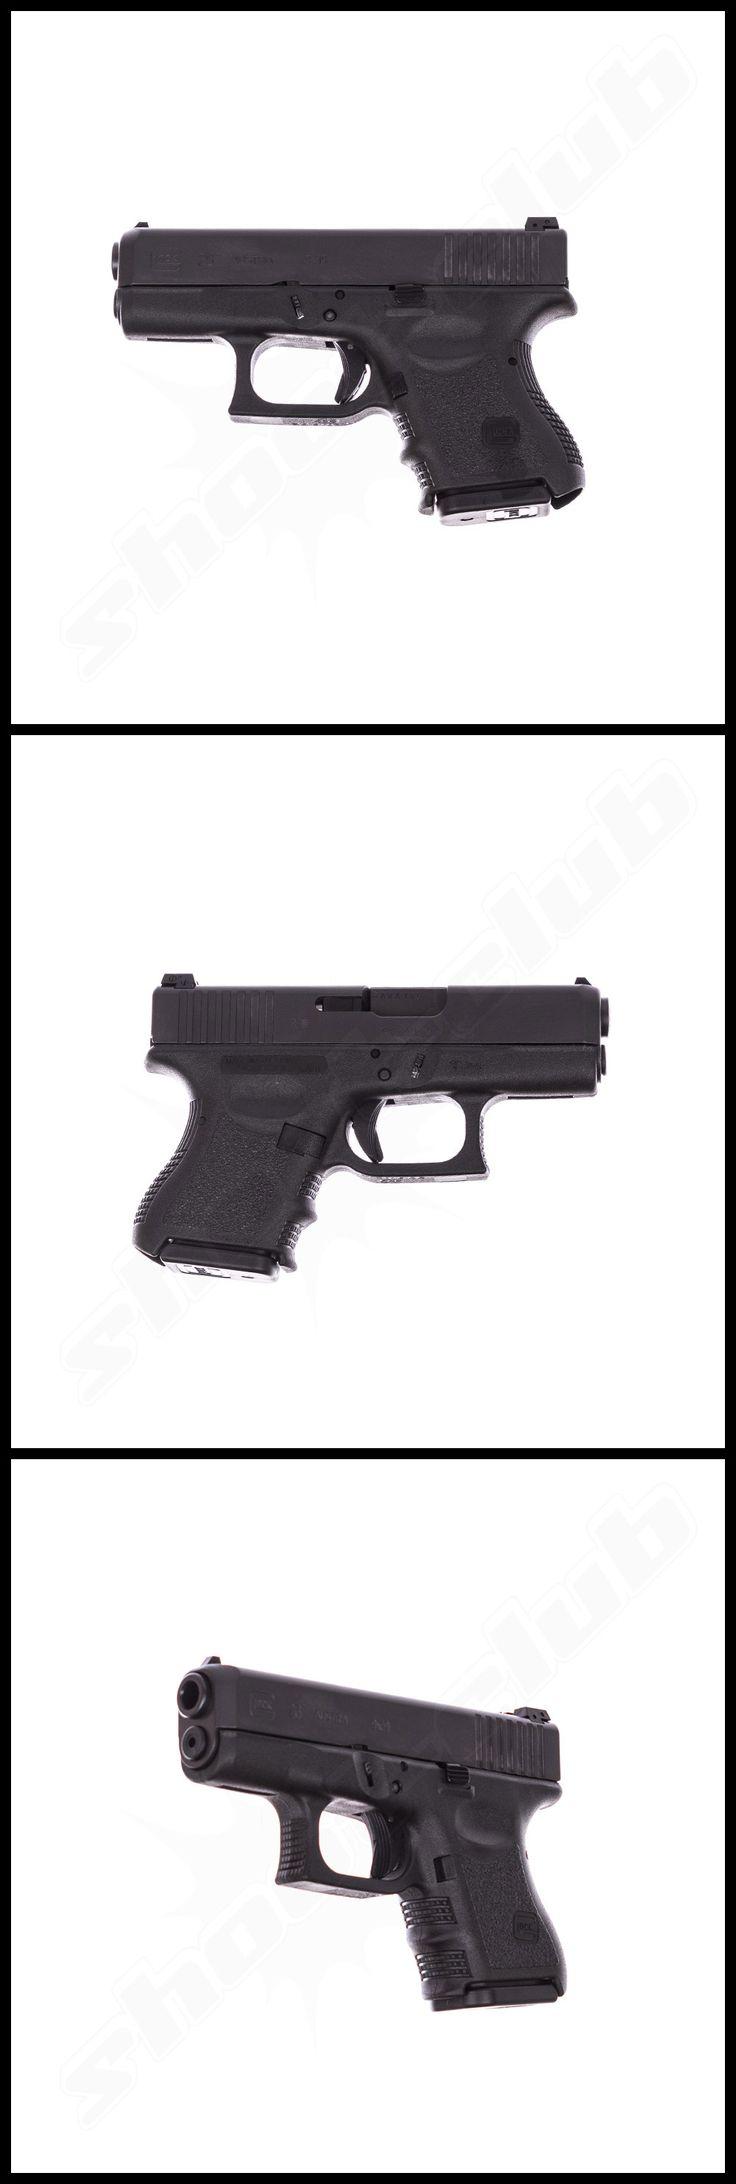 """Glock 26 Gen 3 Pistole im Kal. 9mm Luger - """"Baby"""" Glock - weitere Informationen und Produkte findet Ihr auf www.shoot-club.de - #shootclub #pistol #pistole #9mm"""